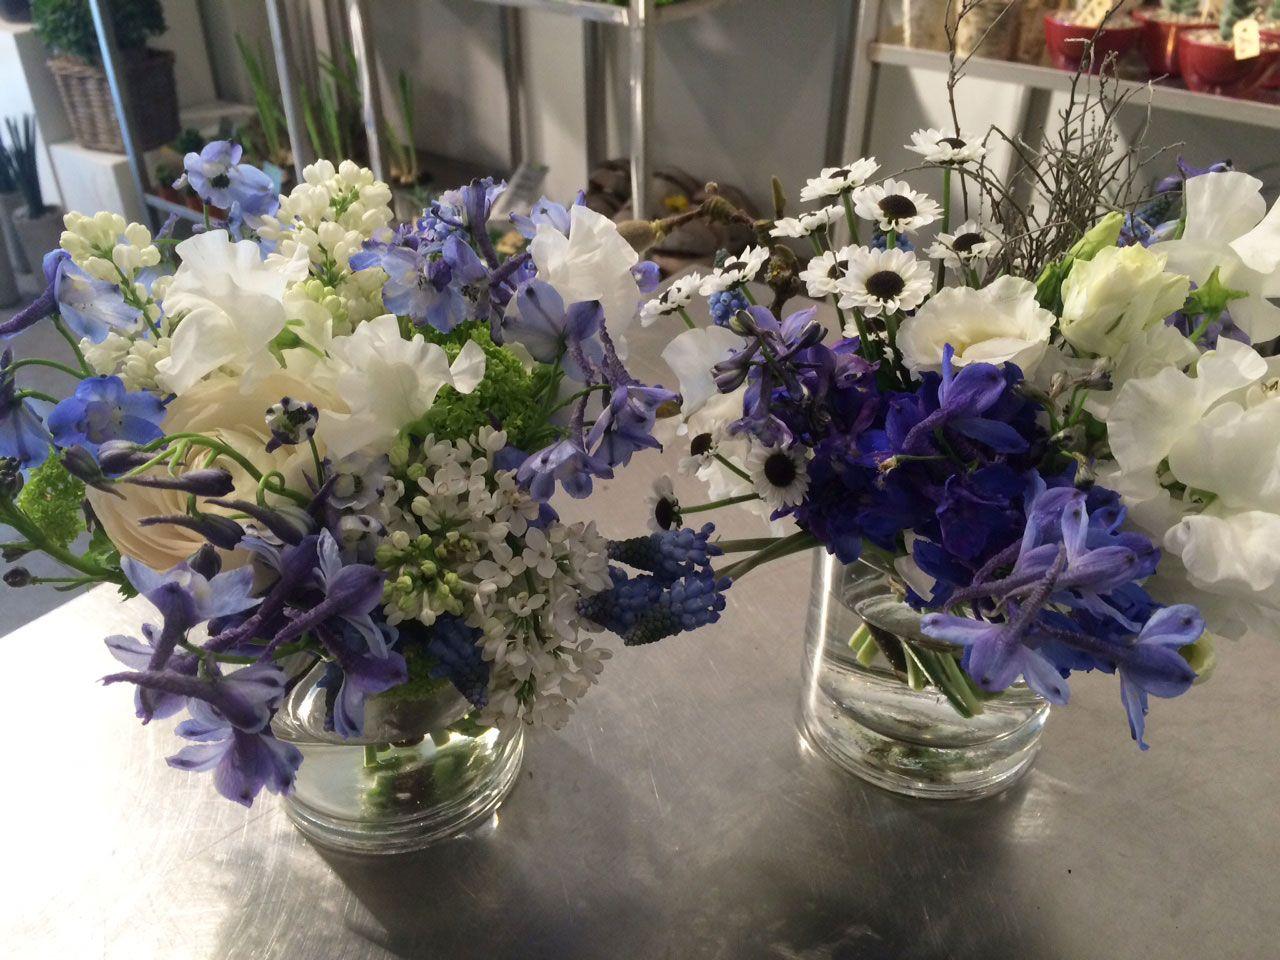 Tischdekoration Blumenstrauss in blauwei  Tischdekoration  Blumen und mehr in 2019  weie